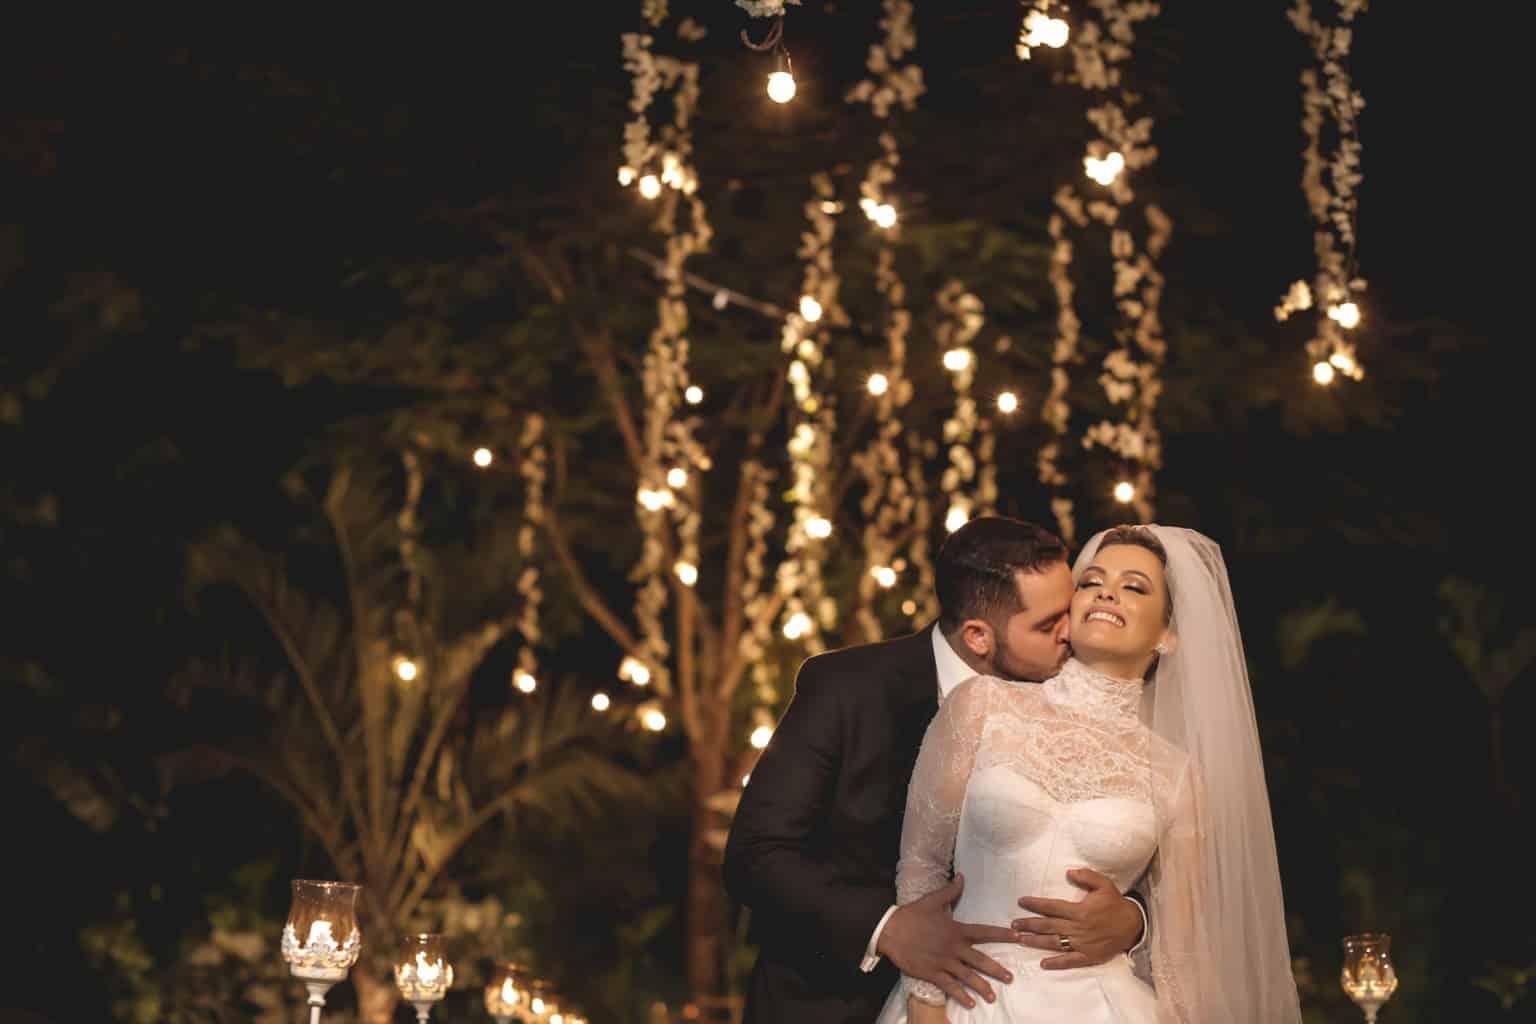 casamento-Juliana-e-Eduardo-foto-dos-noivos-Fotografia-Ricardo-Nascimento-e-Thereza-magno-Usina-dois-irmãos94